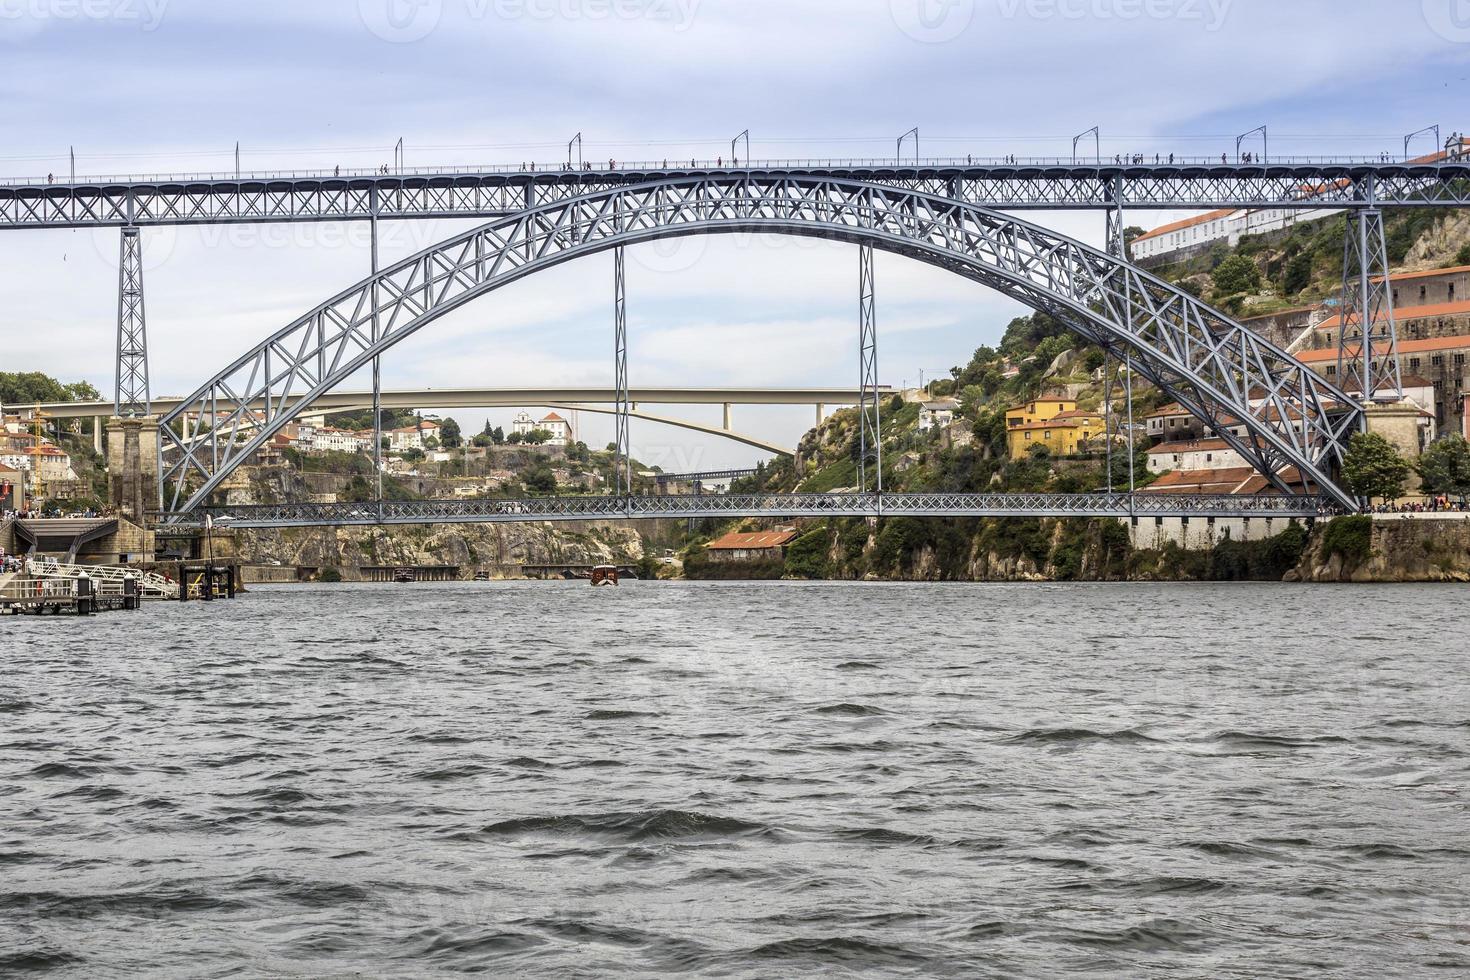 weergave van dom luiz brug en gaia rivieroever, porto stadsgezicht. foto